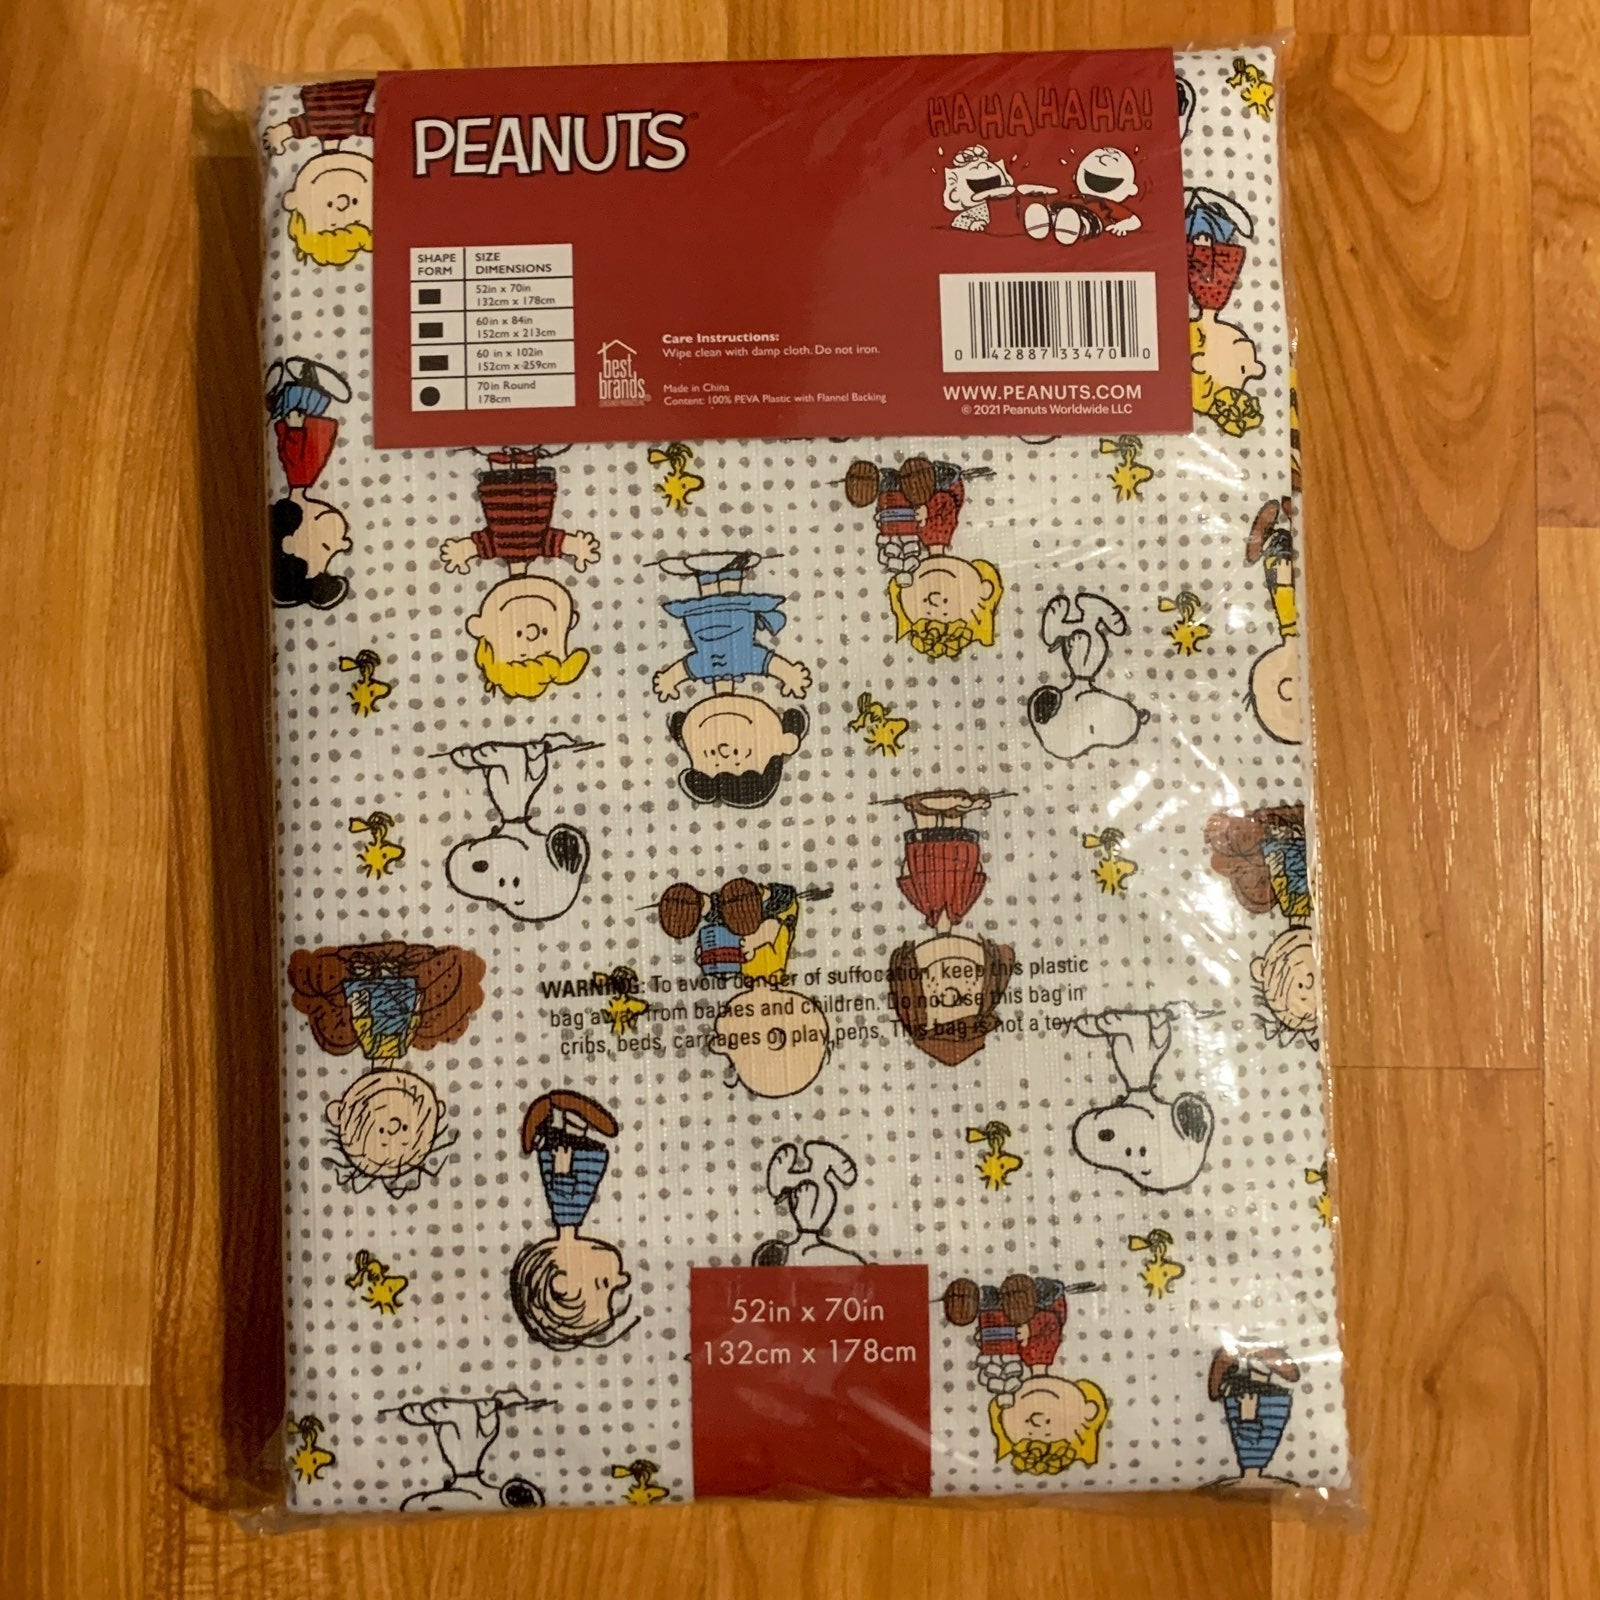 Peanuts Tablecloth